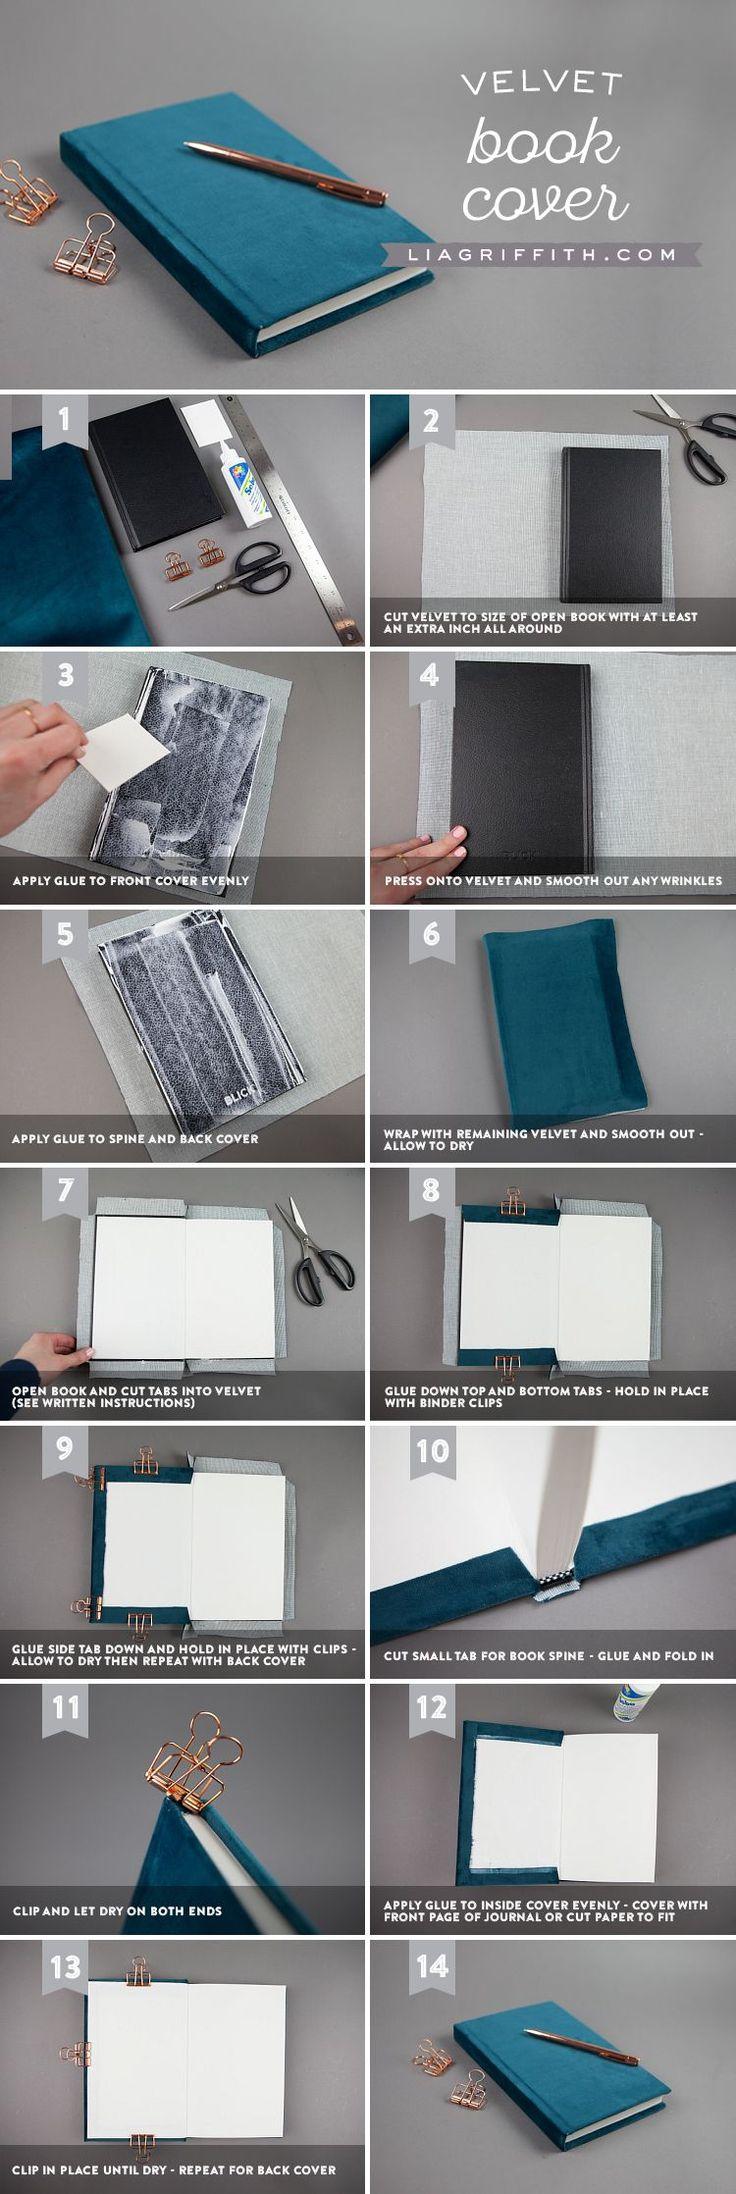 Como forrar un libro de notas o agenda con fieltro o tela